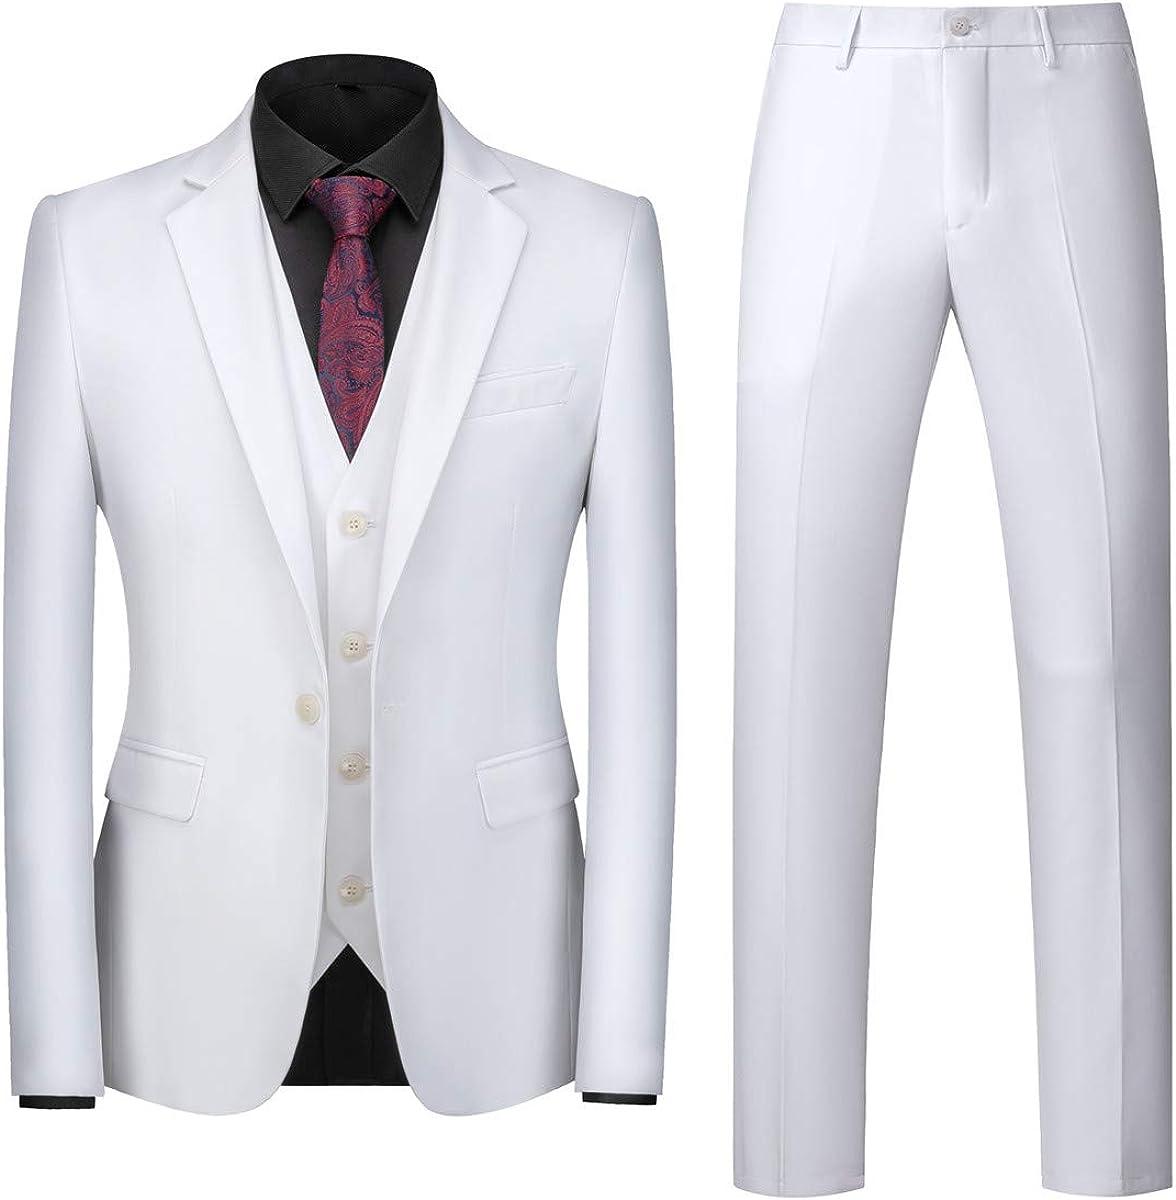 MOGU Mens 3 Piece White Dress Suit Set